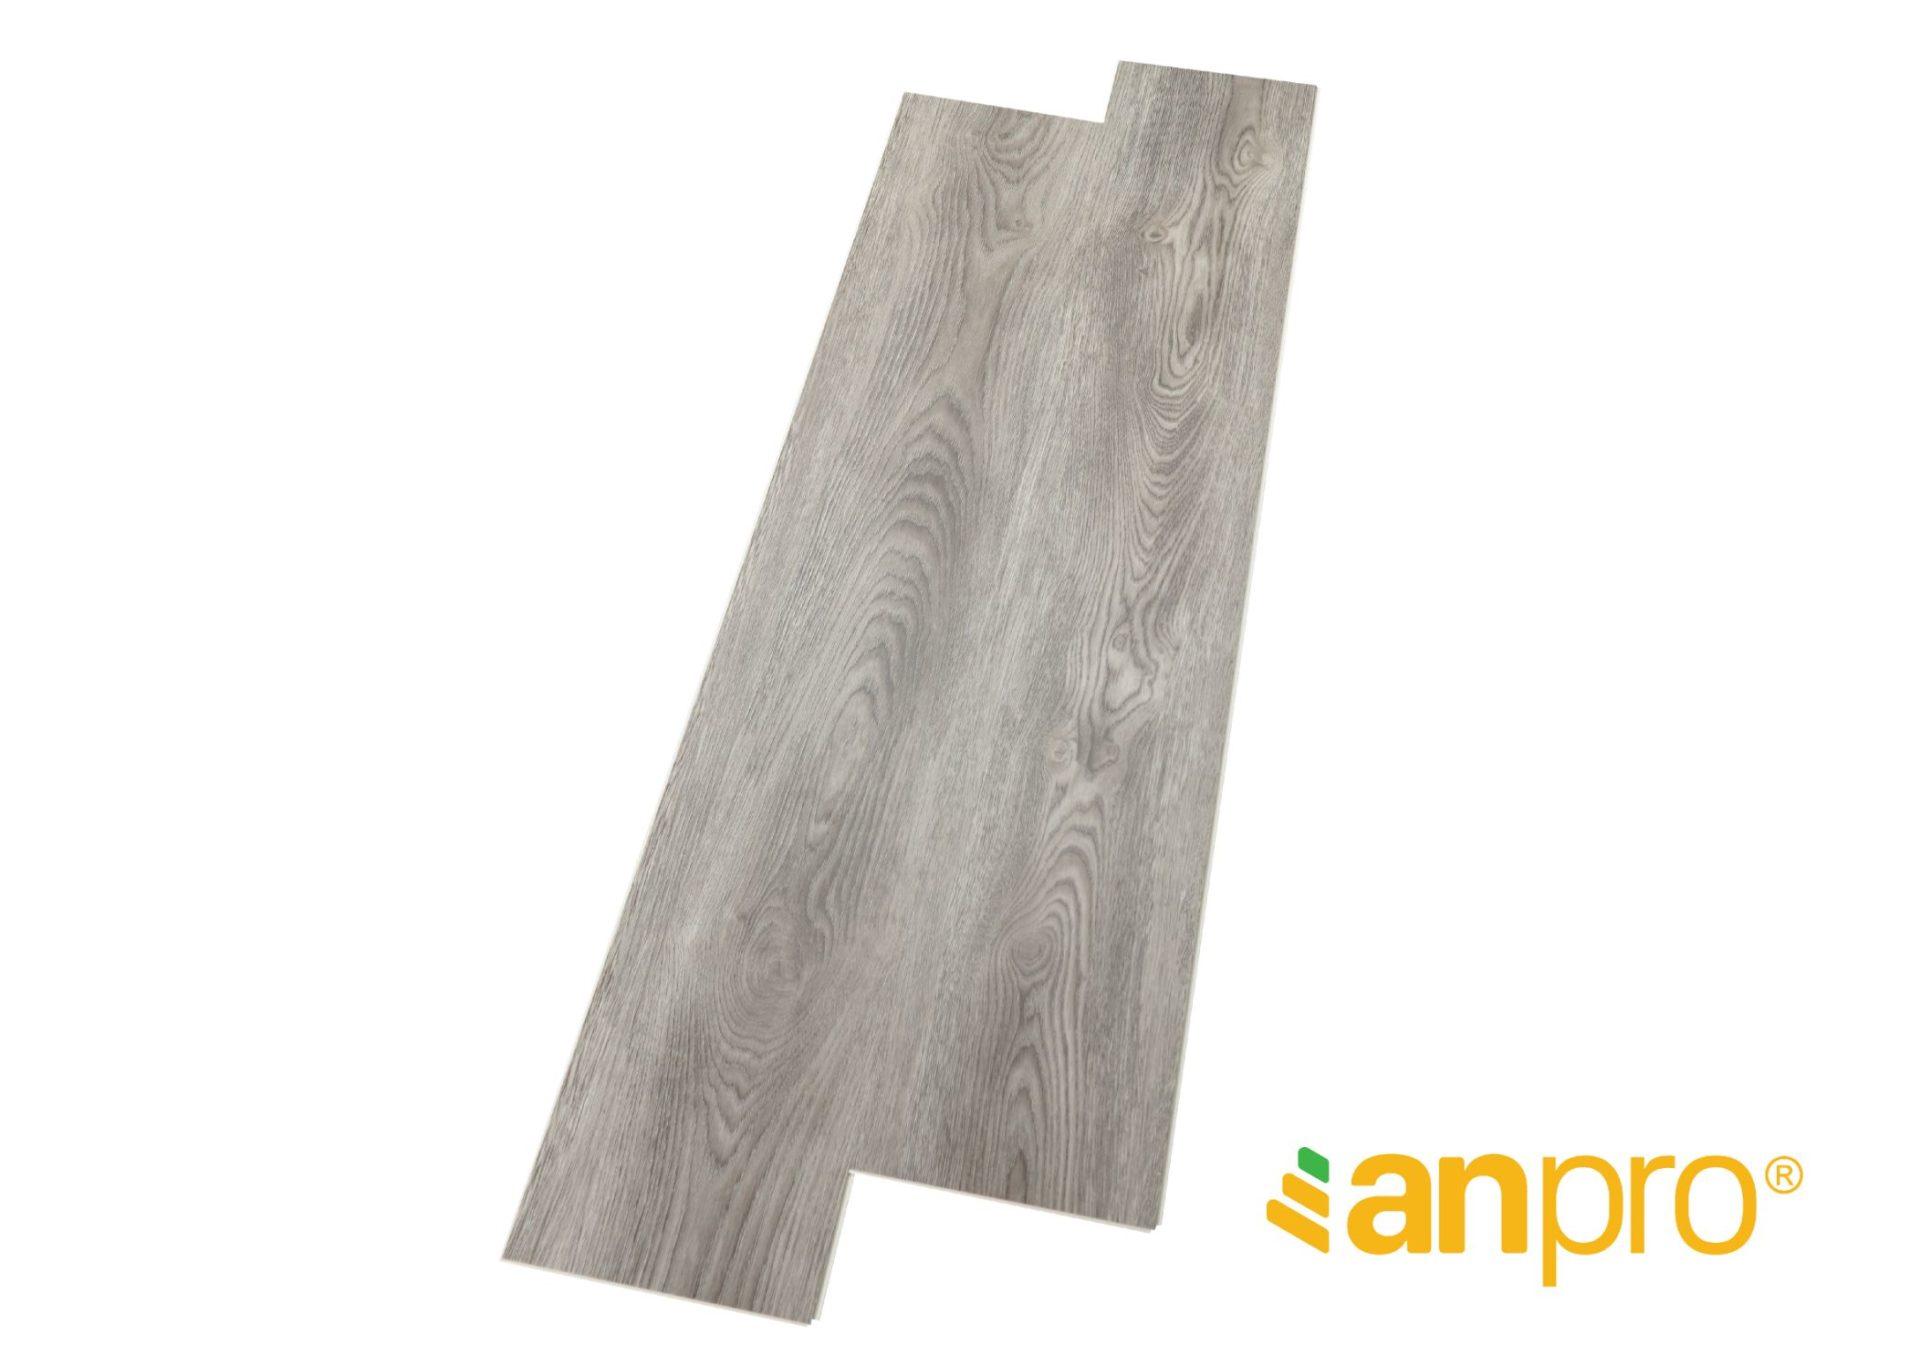 SA139 01 01 01 - Sàn AnPro vân gỗ SA150